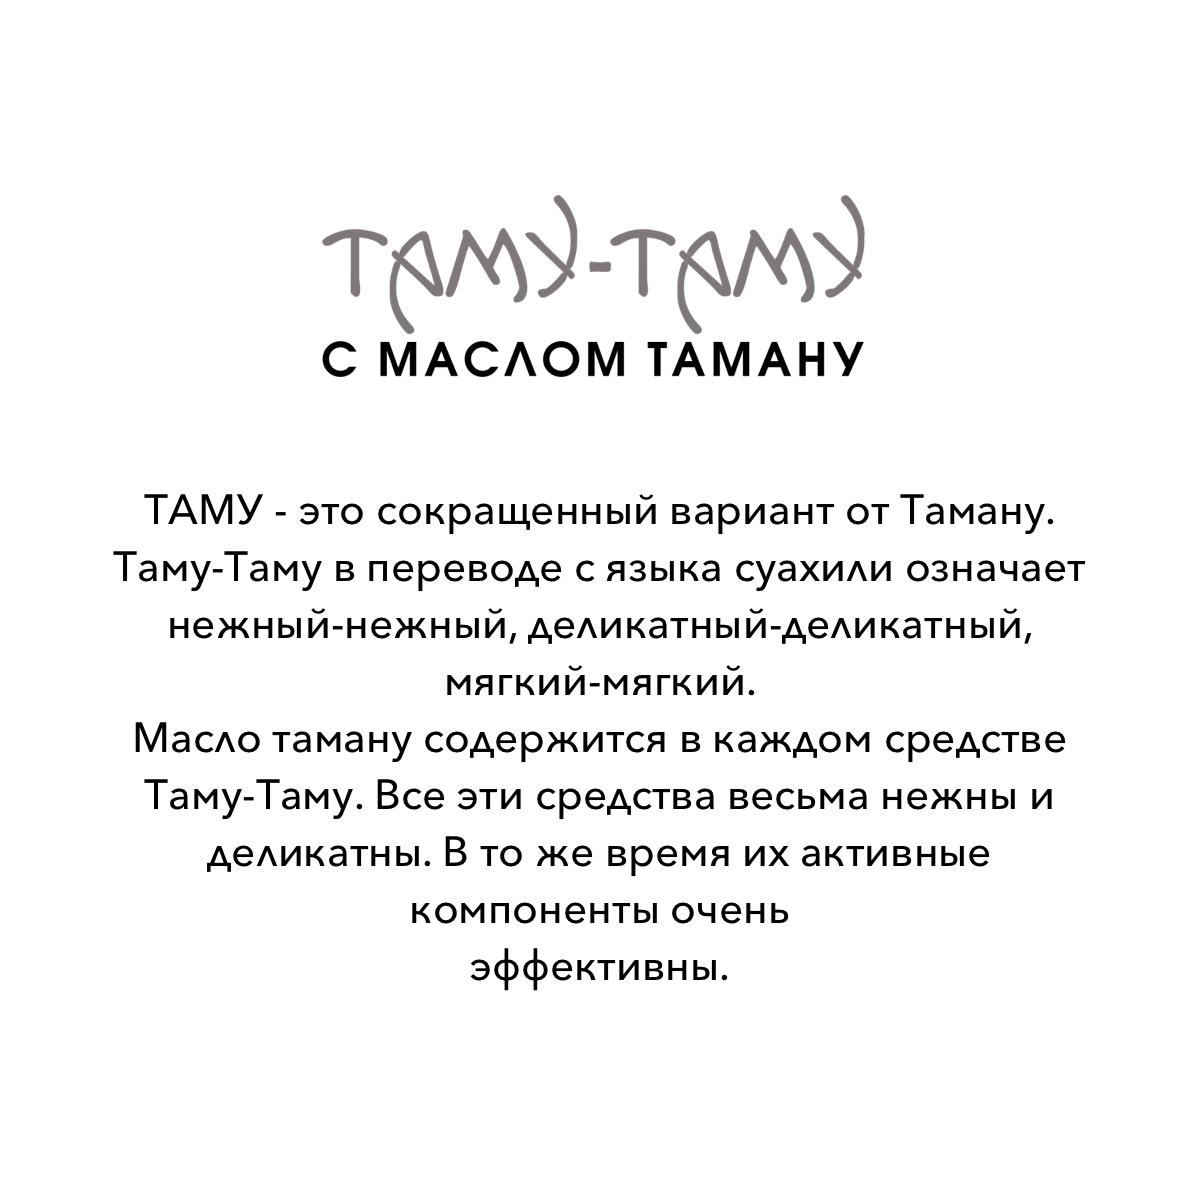 МАСЛО ТАМАНУ 100% Таму-Таму 15мл.